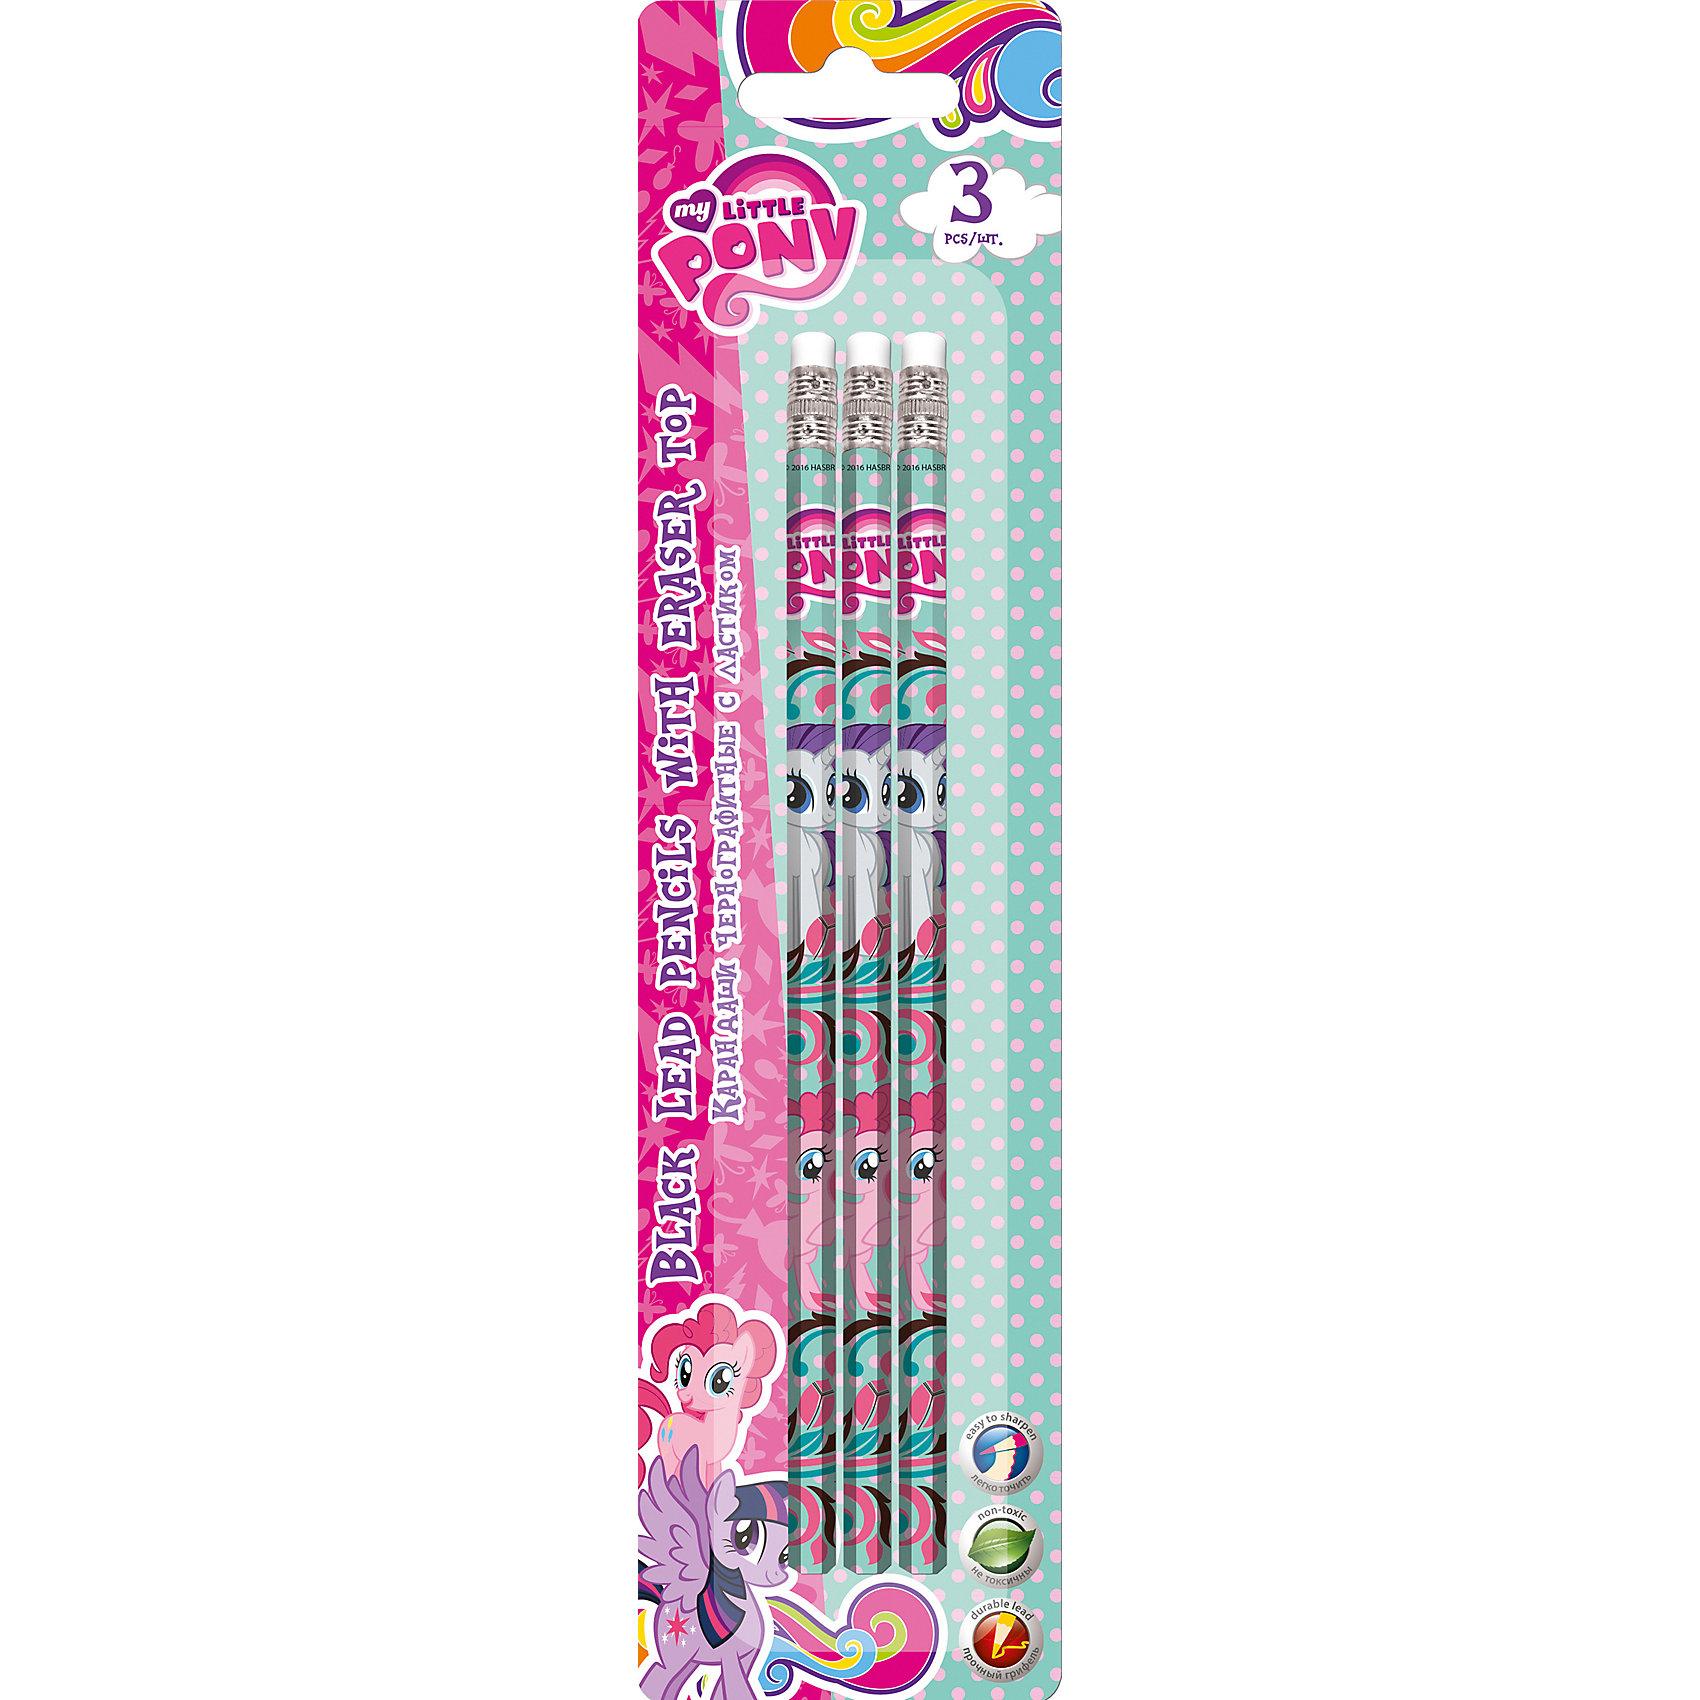 Простые карандаши, 3 шт., My Little Pony